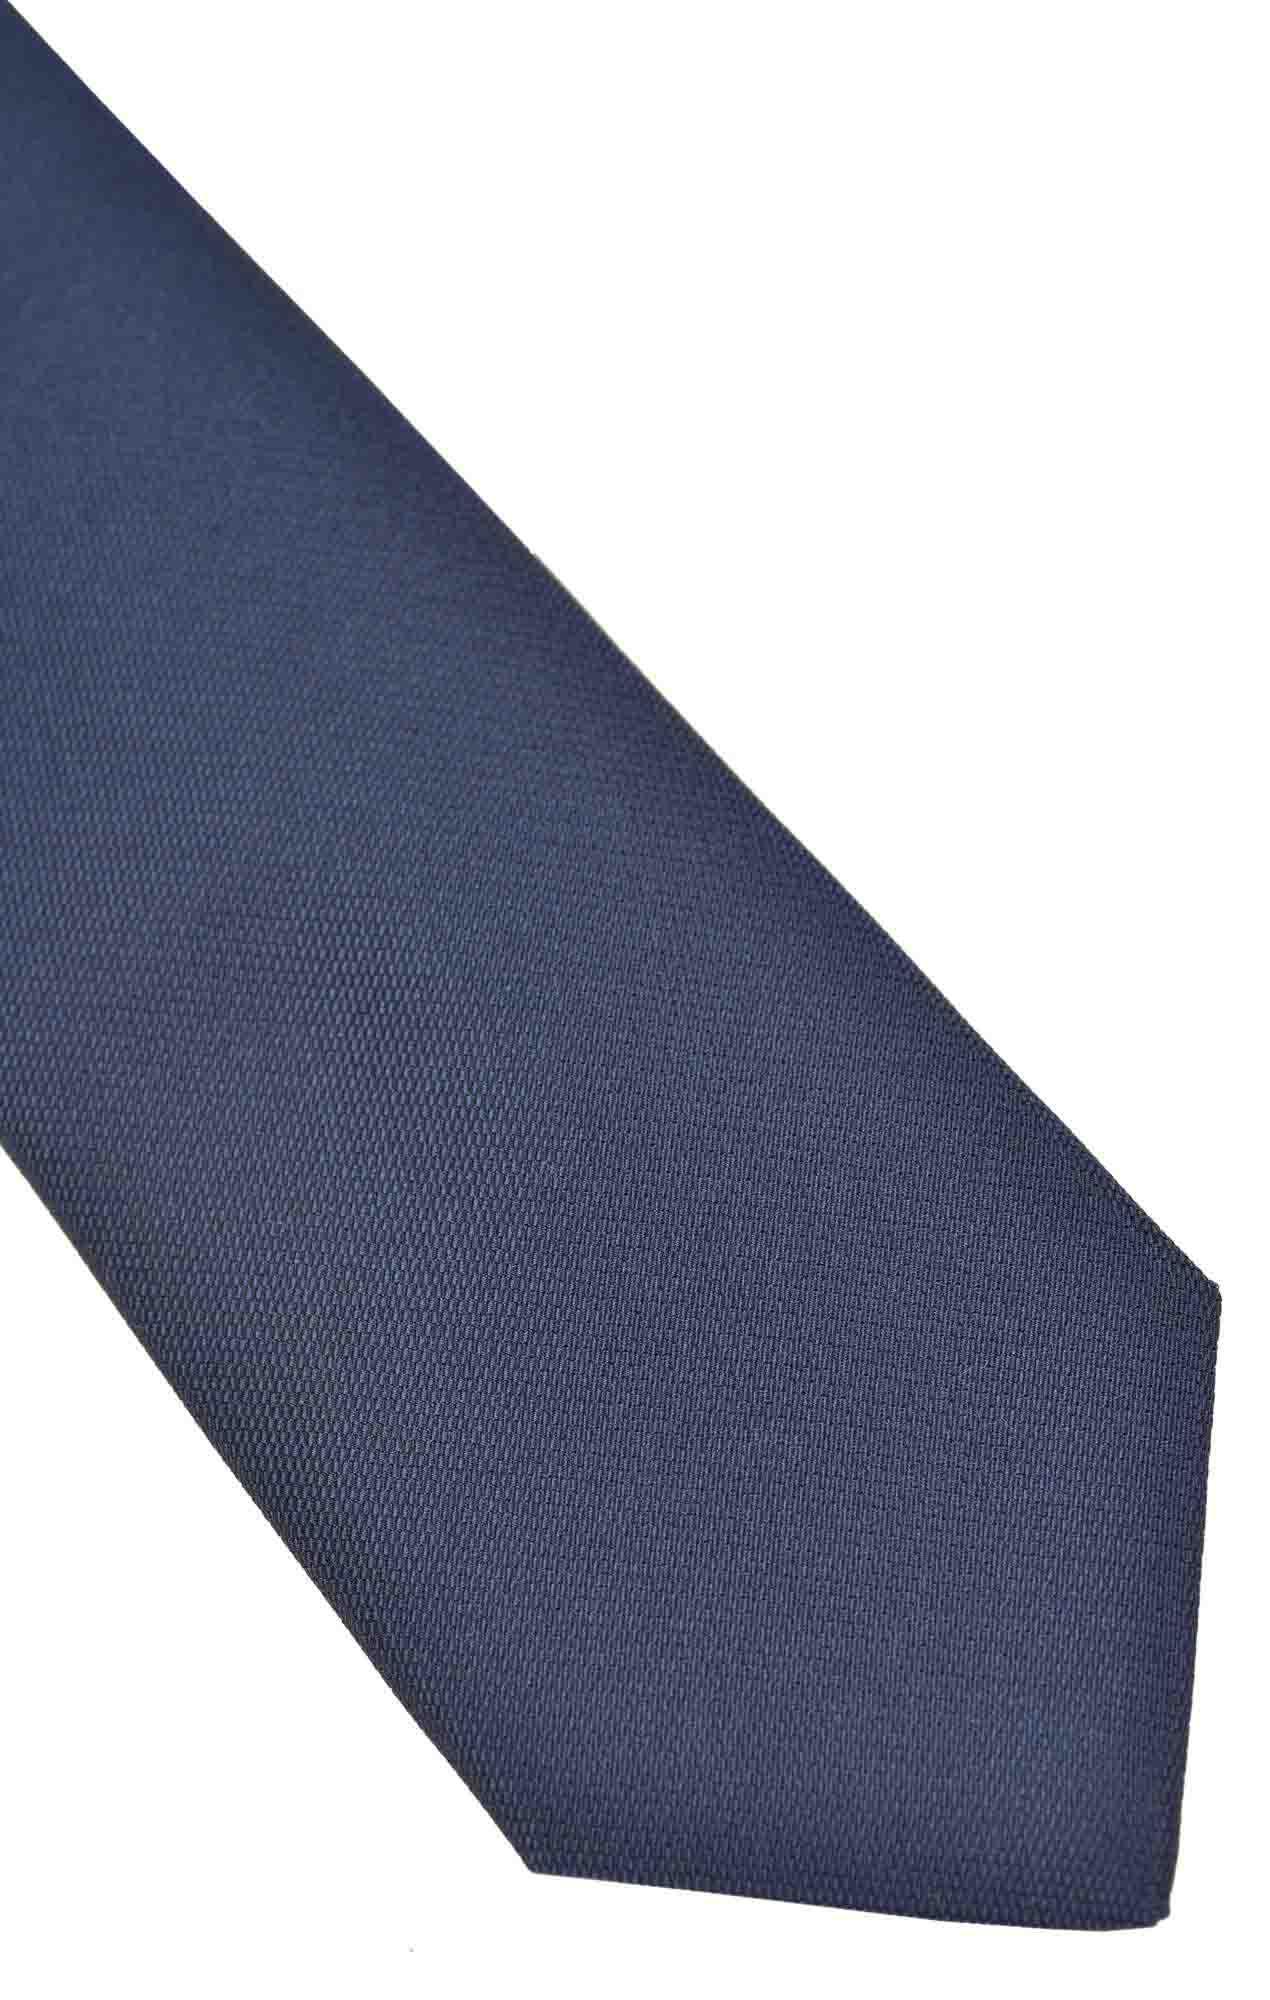 Cravate Austen soie bleue Cravates